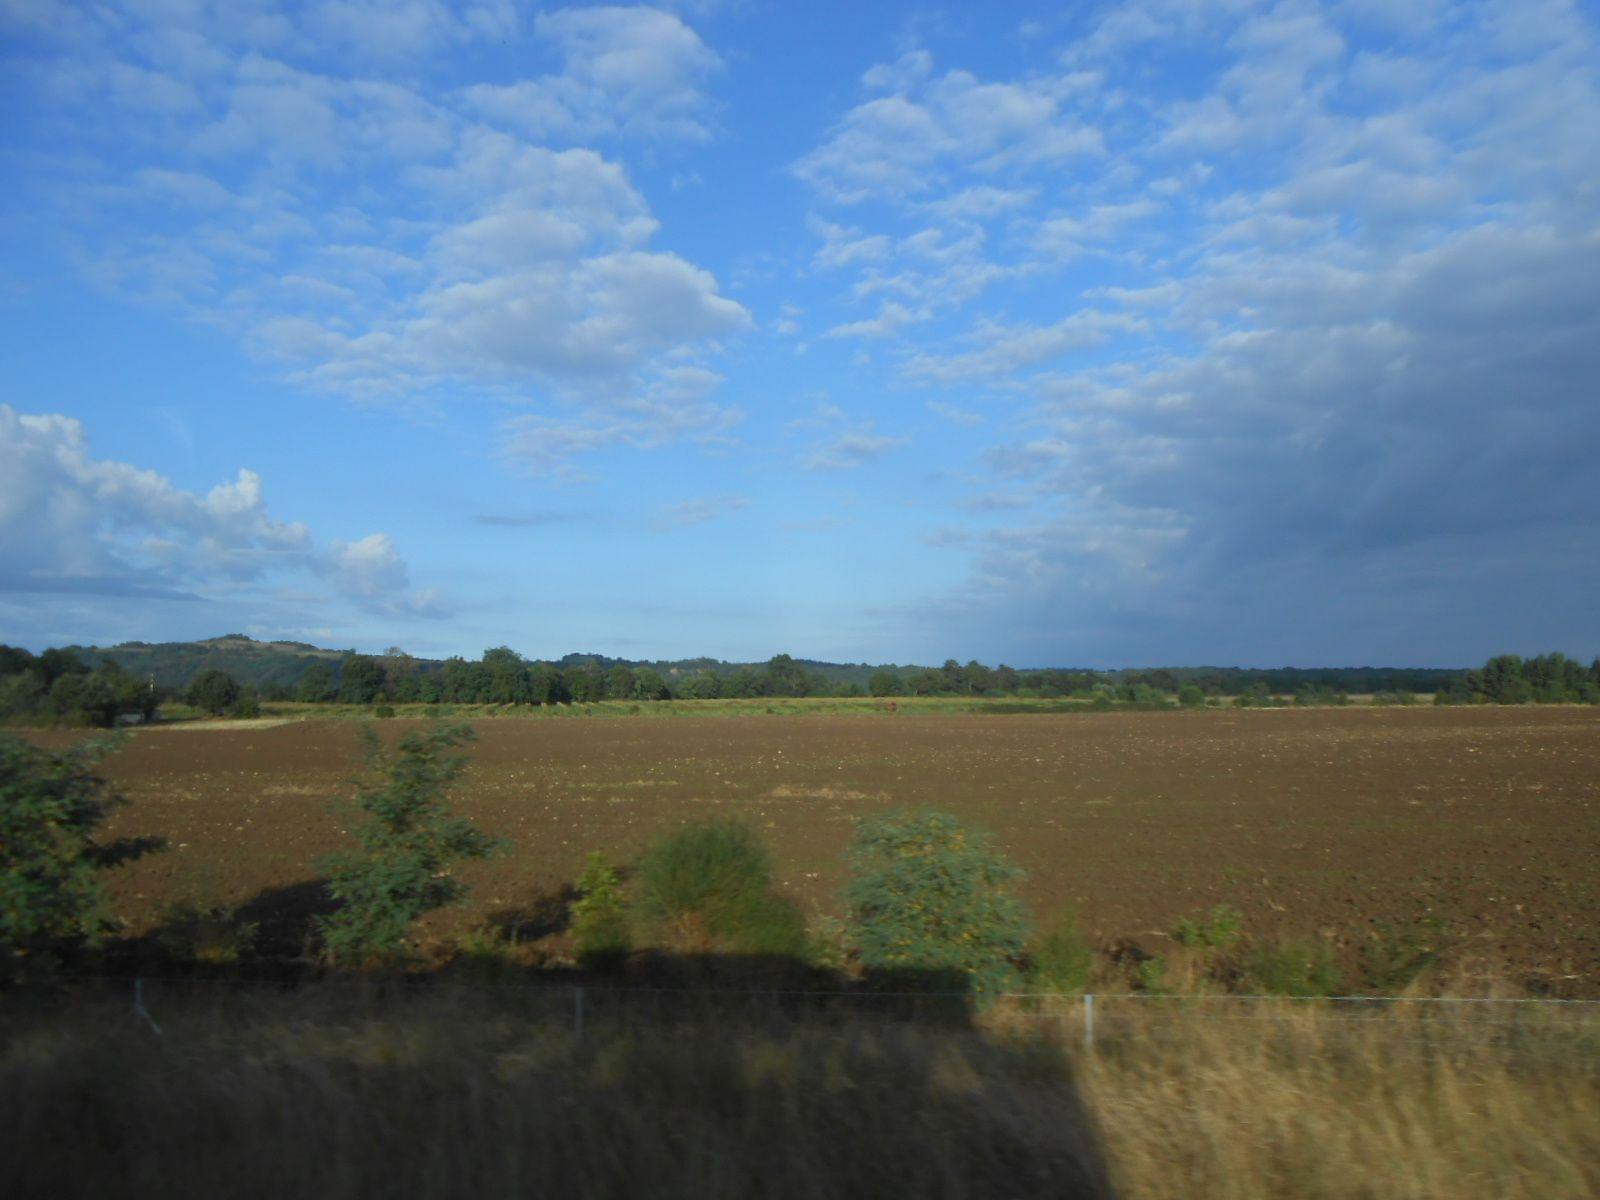 les nuages dans les paysages